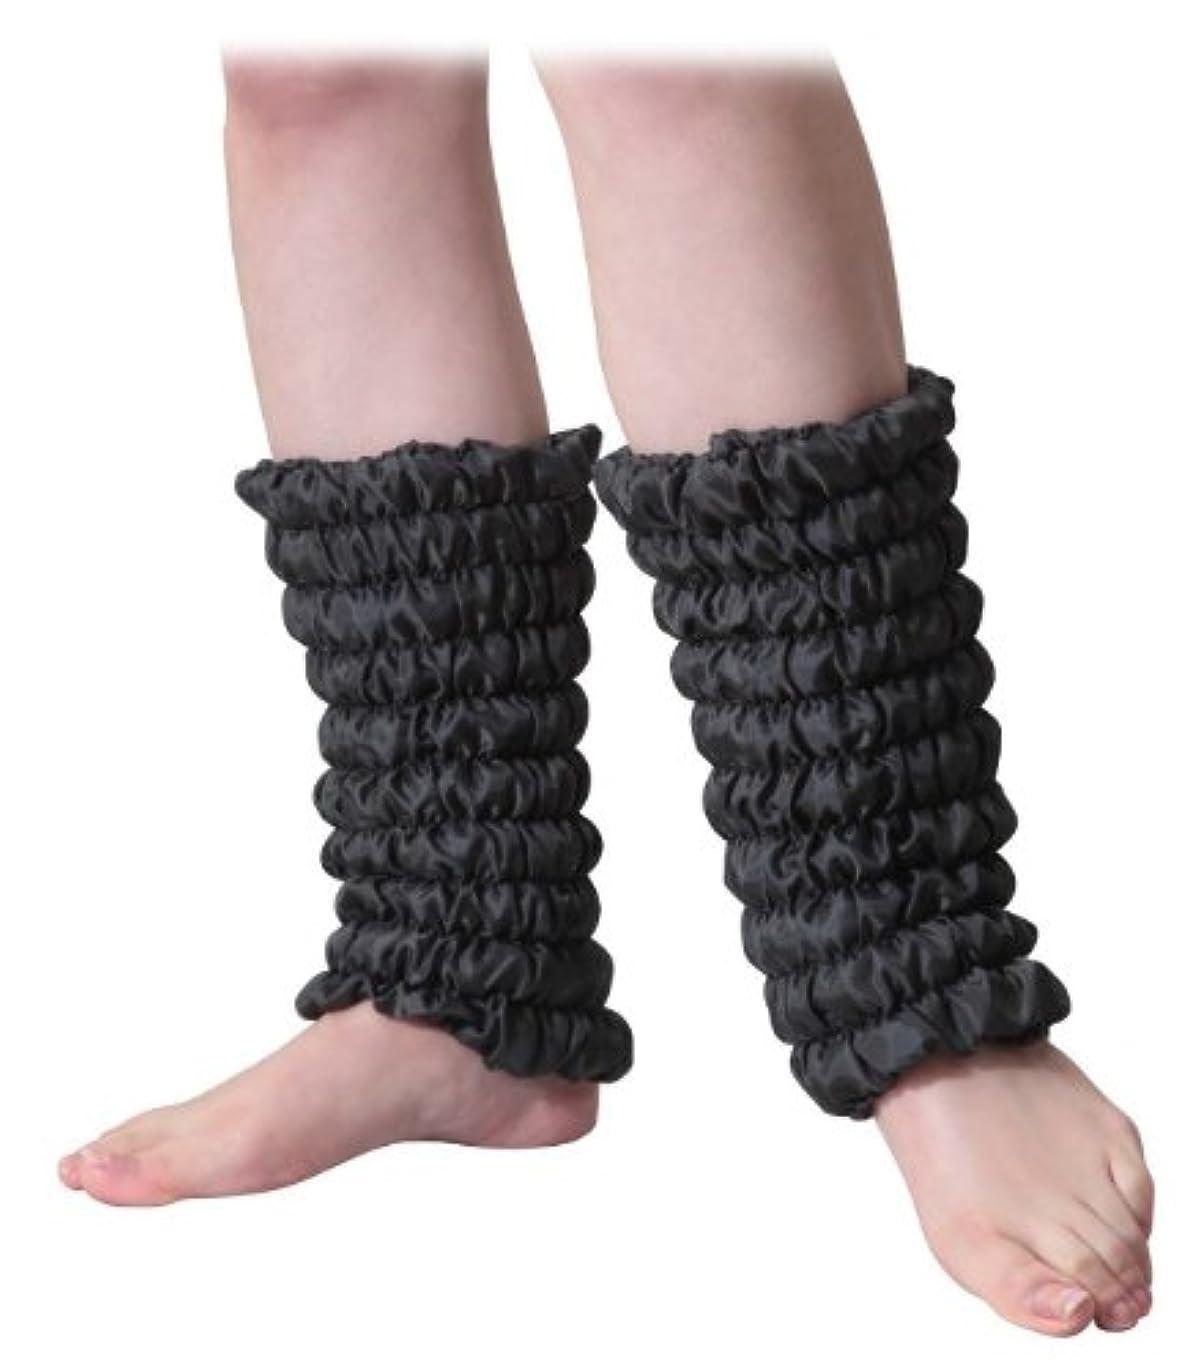 コンテンツ第三引き付ける富士パックス販売 オーラ 蓄熱繊維 足湯気分 「 足首 岩盤浴 ウォーマー 」 ブラック